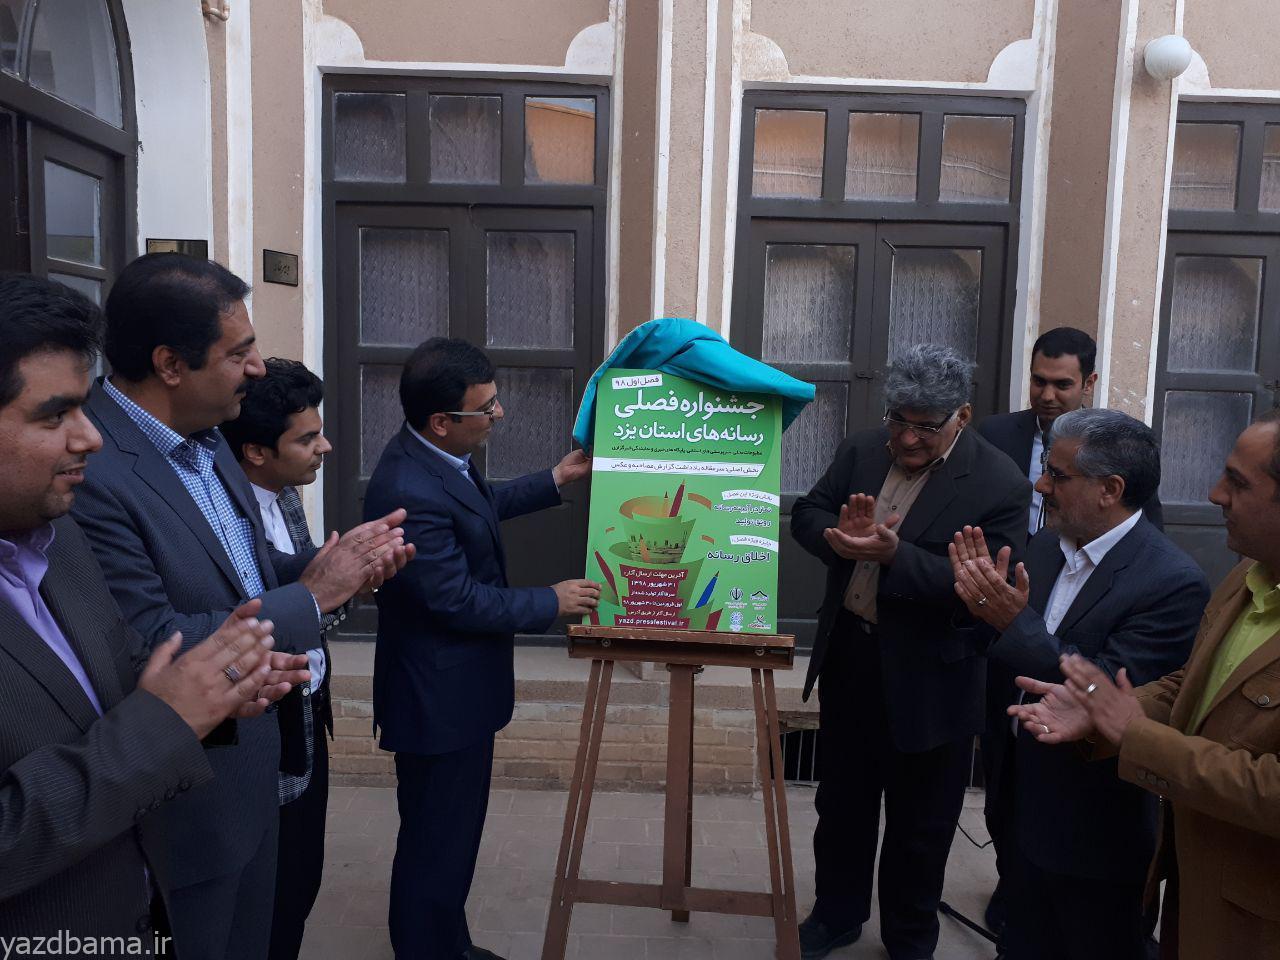 برگزاری نخستین جشنواره فصلی رسانه های یزد